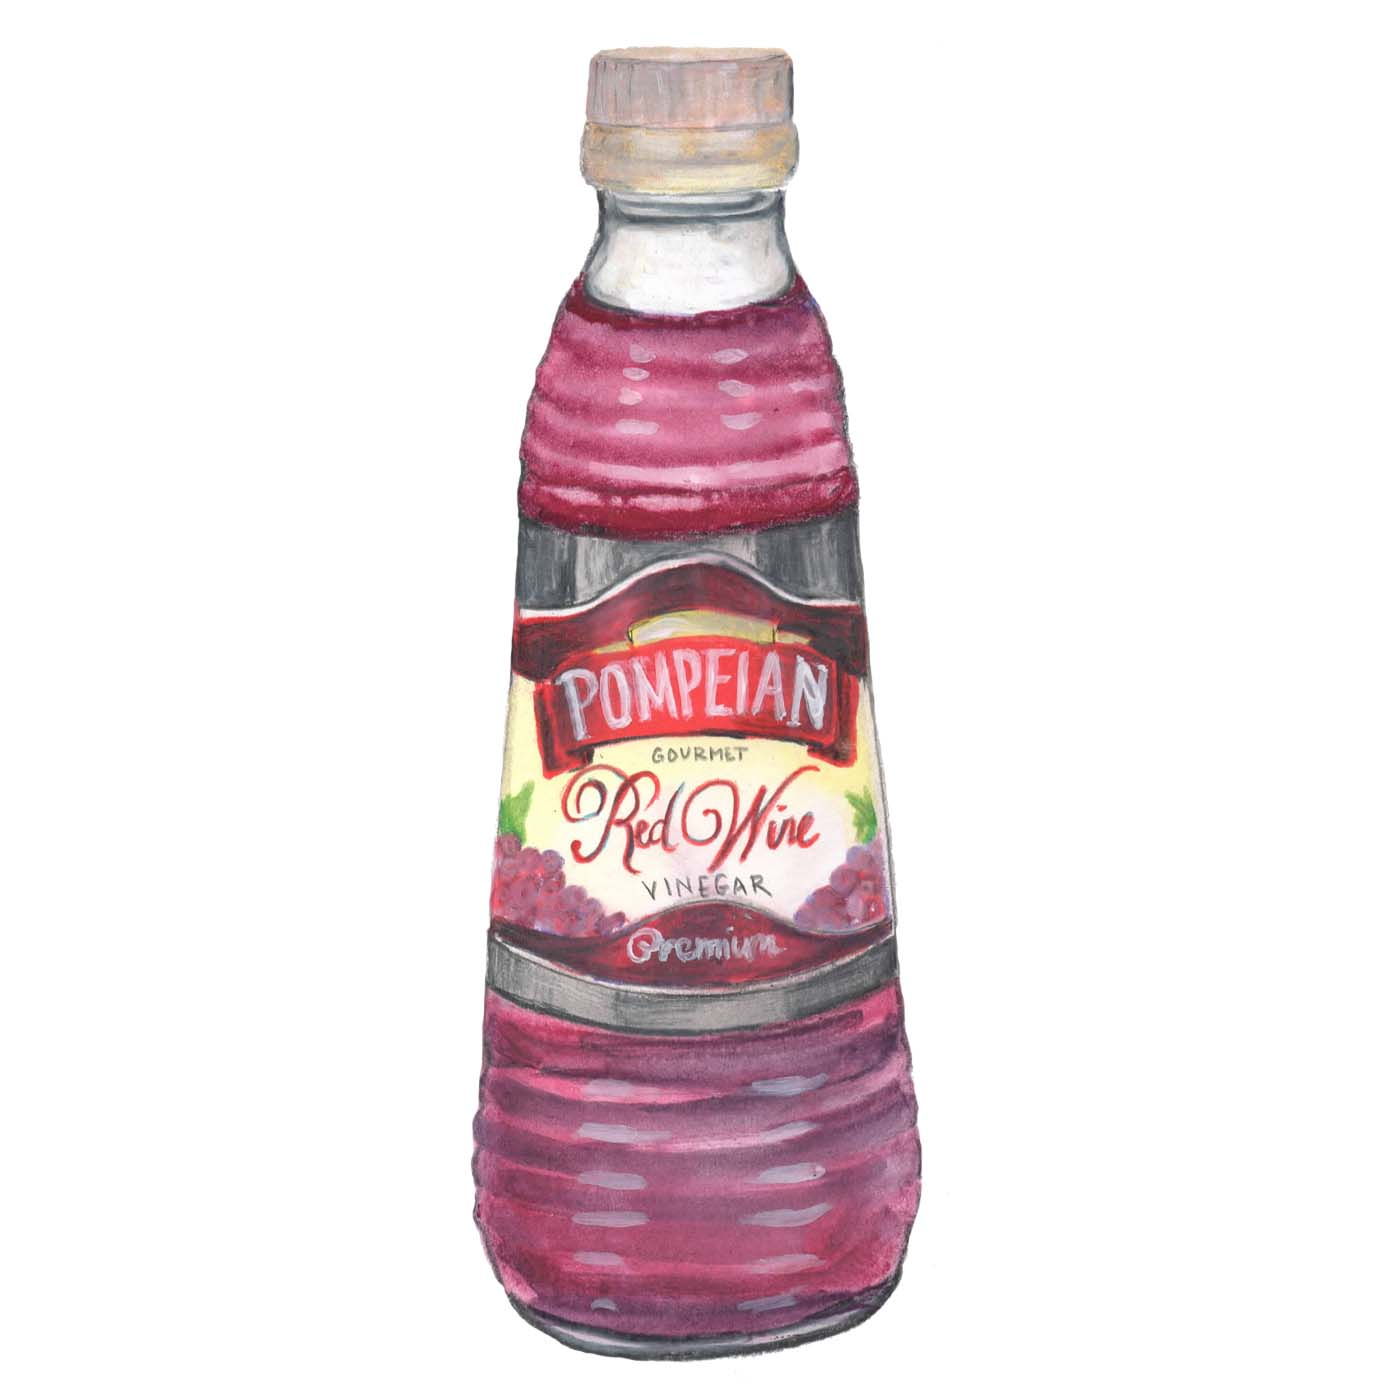 Condimental_Red_Wine_Vinegar_Edit.jpg